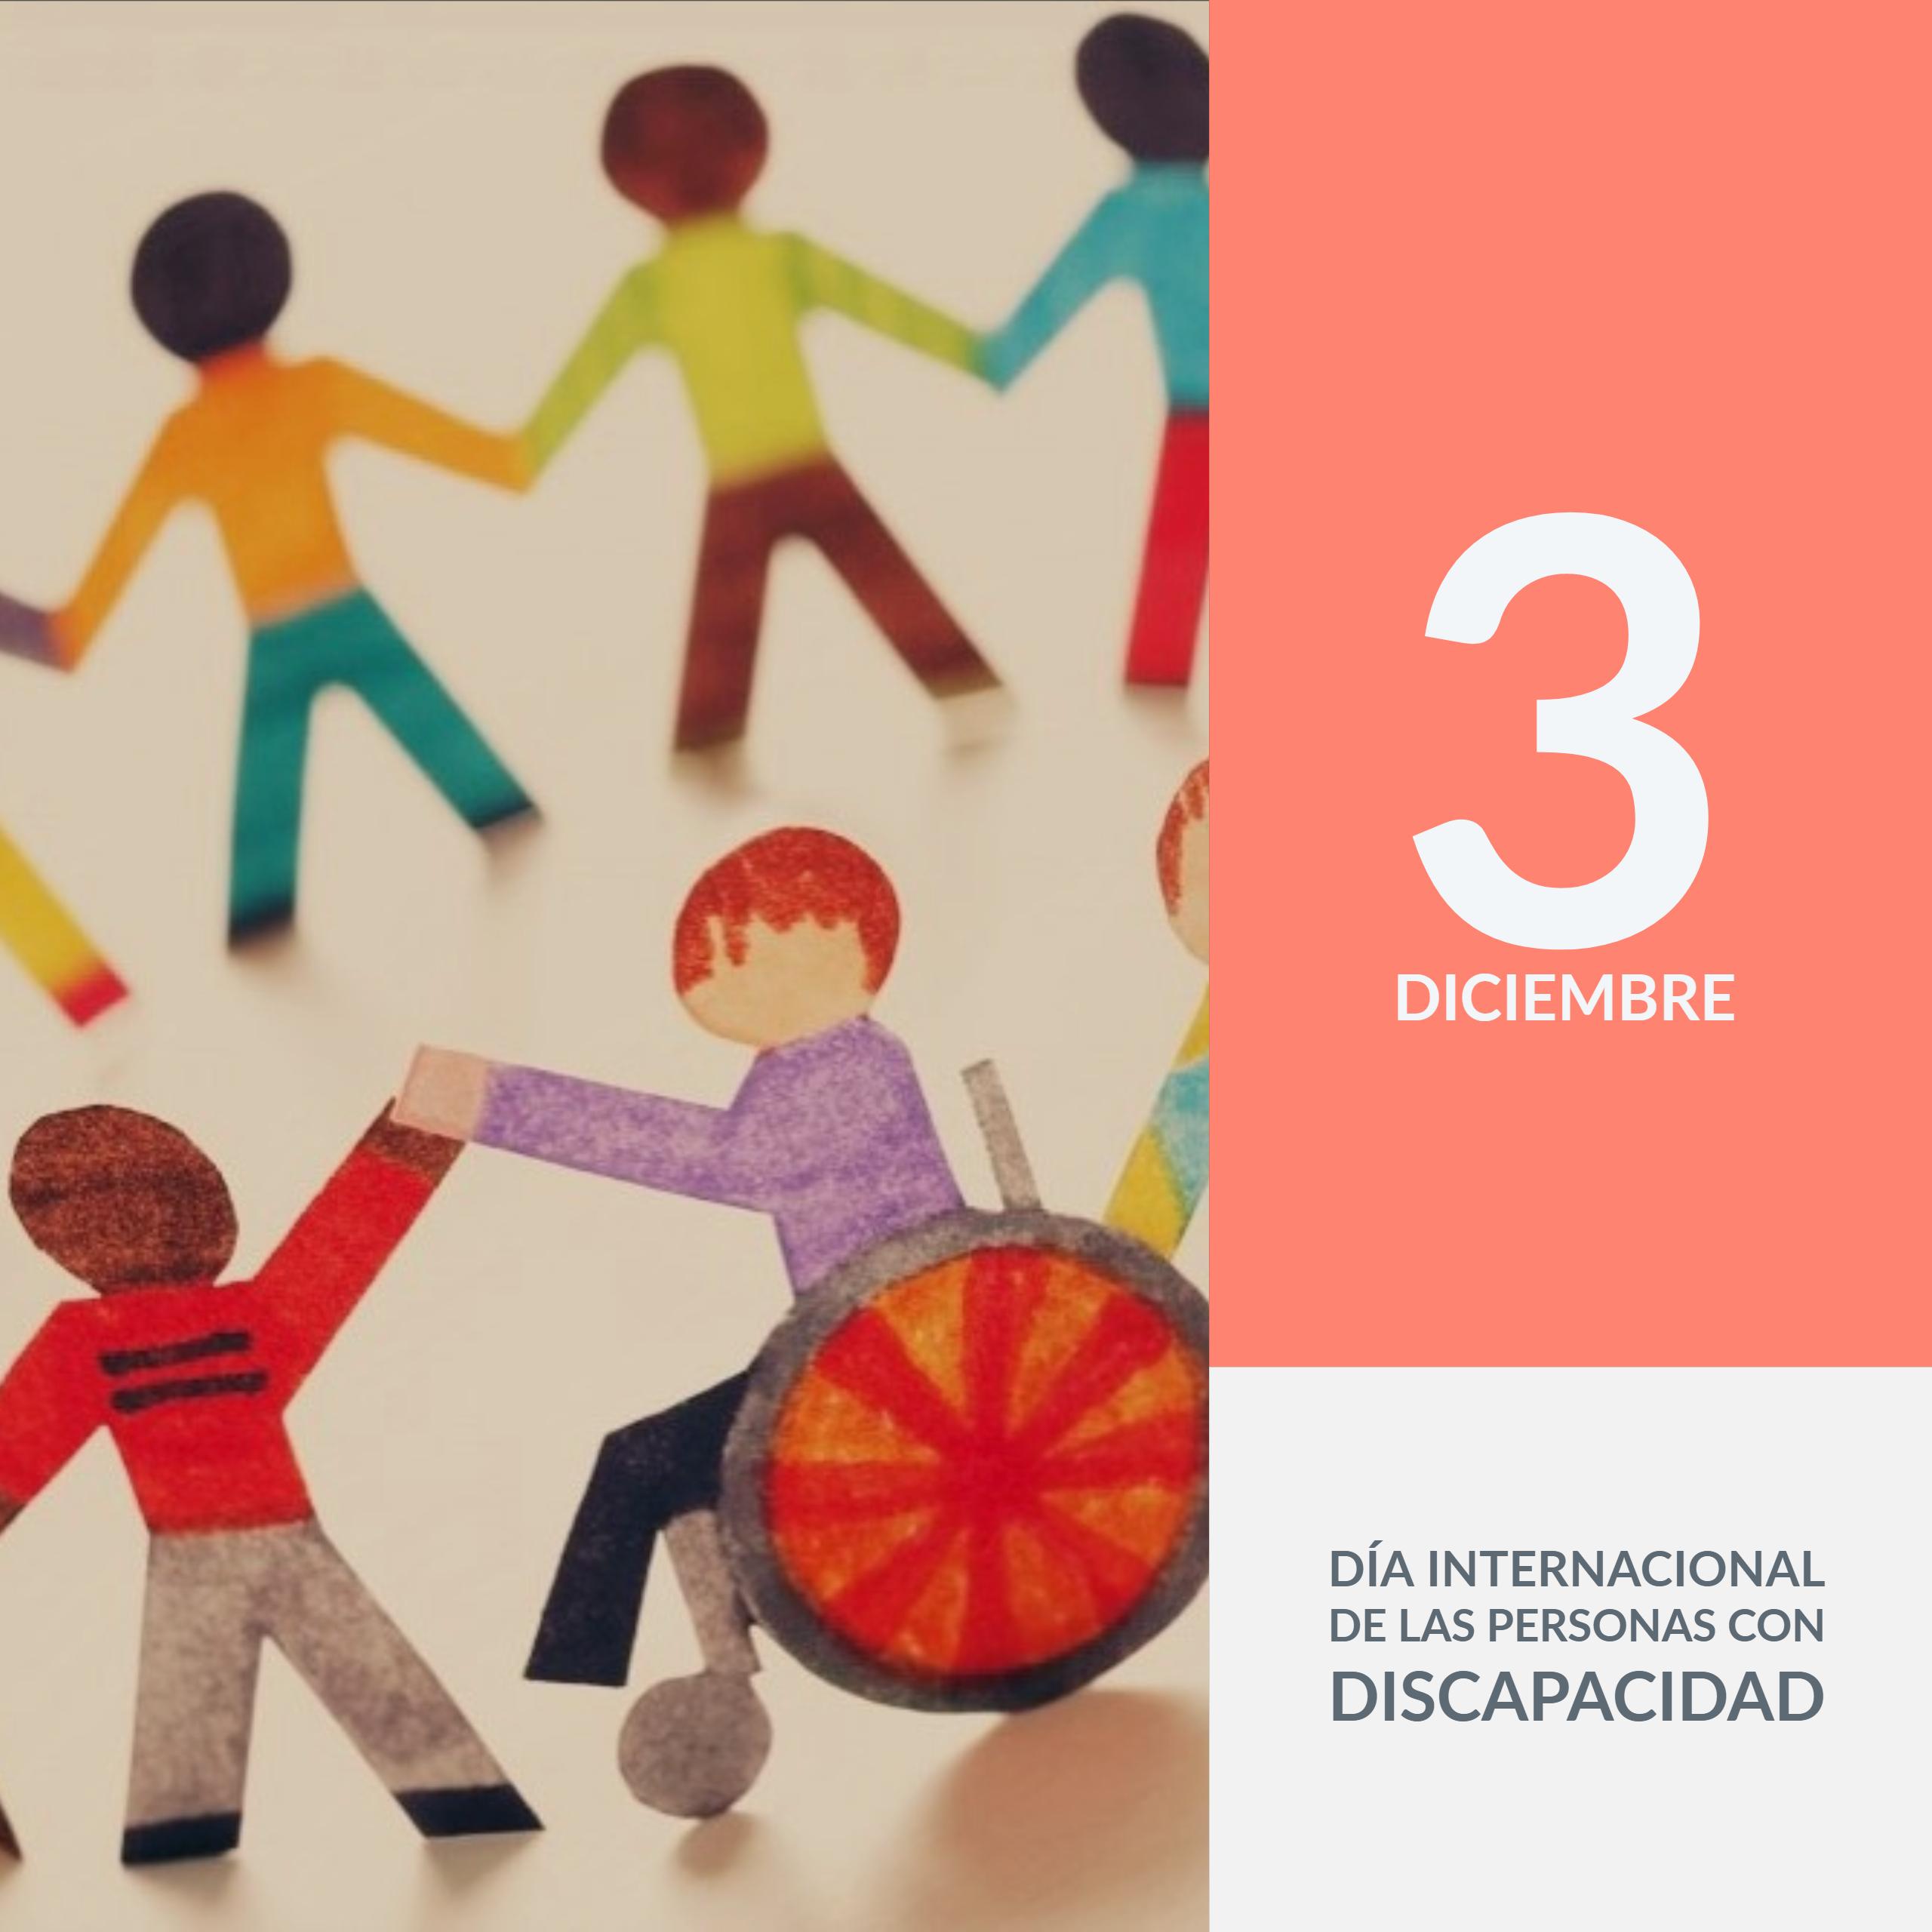 Urgimos a agilizar las valoraciones de discapacidad